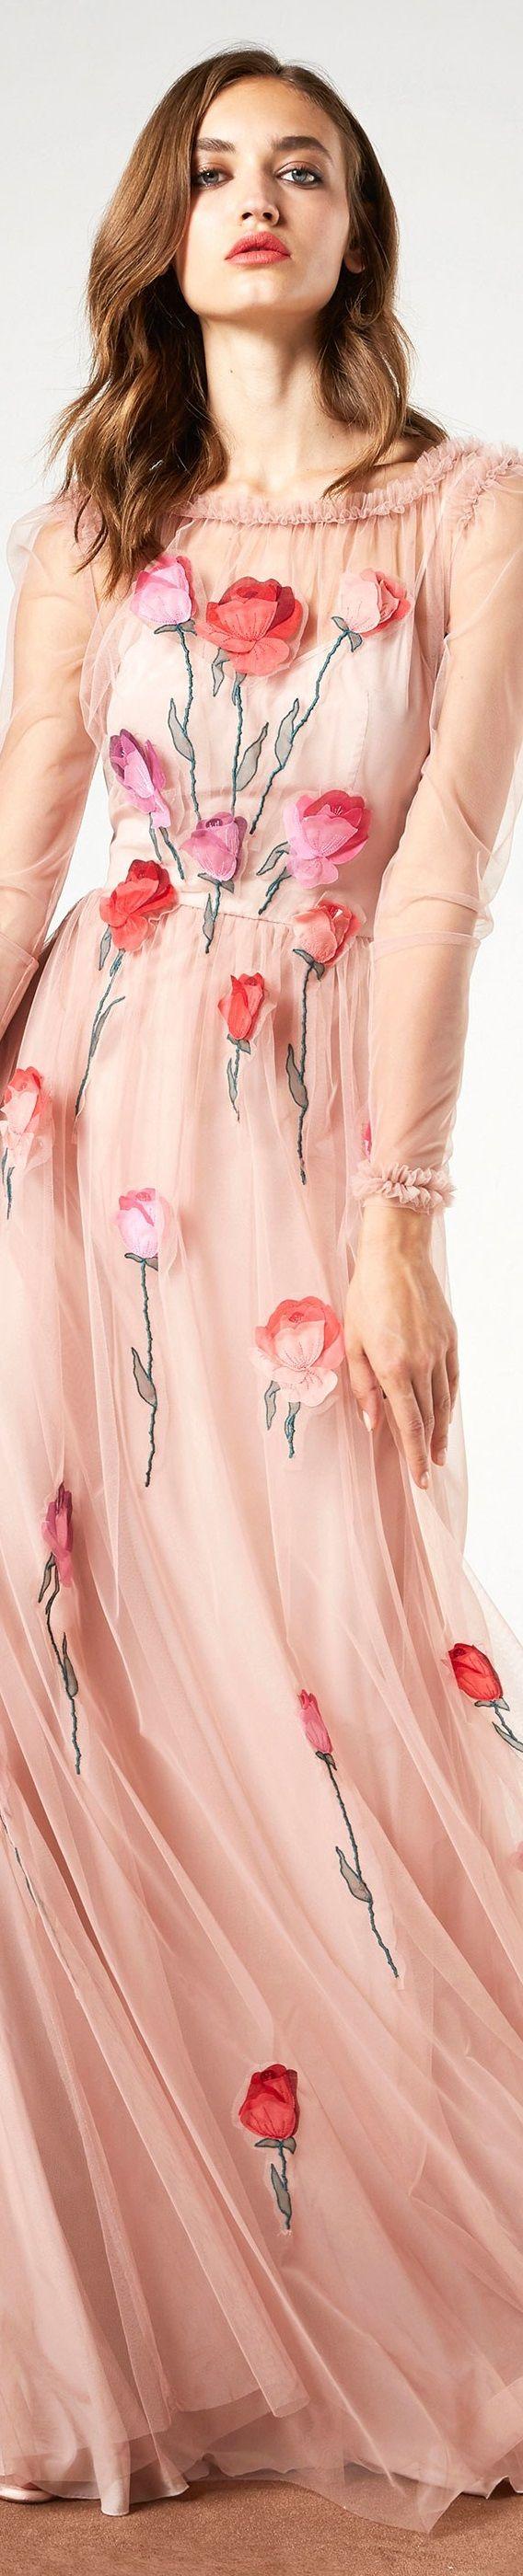 1539 best dress images on Pinterest | Short dresses, Feminine ...